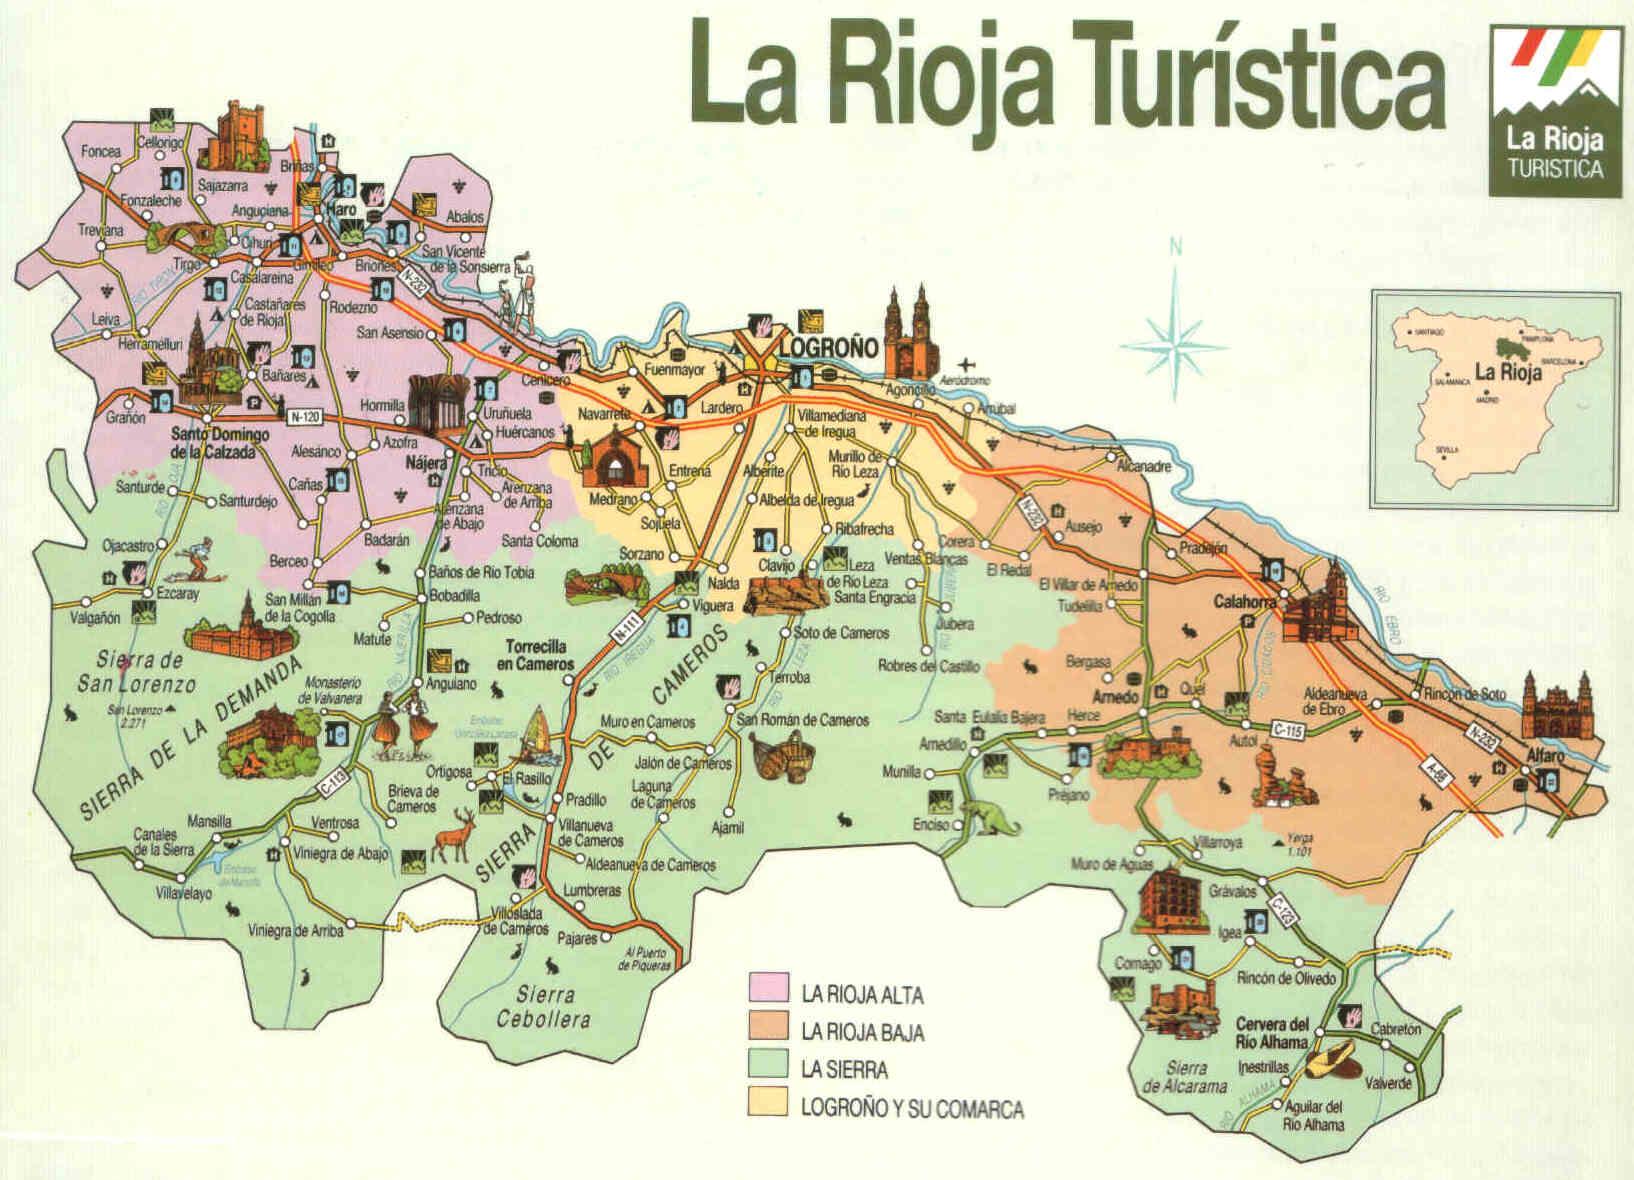 Espana La Rioja